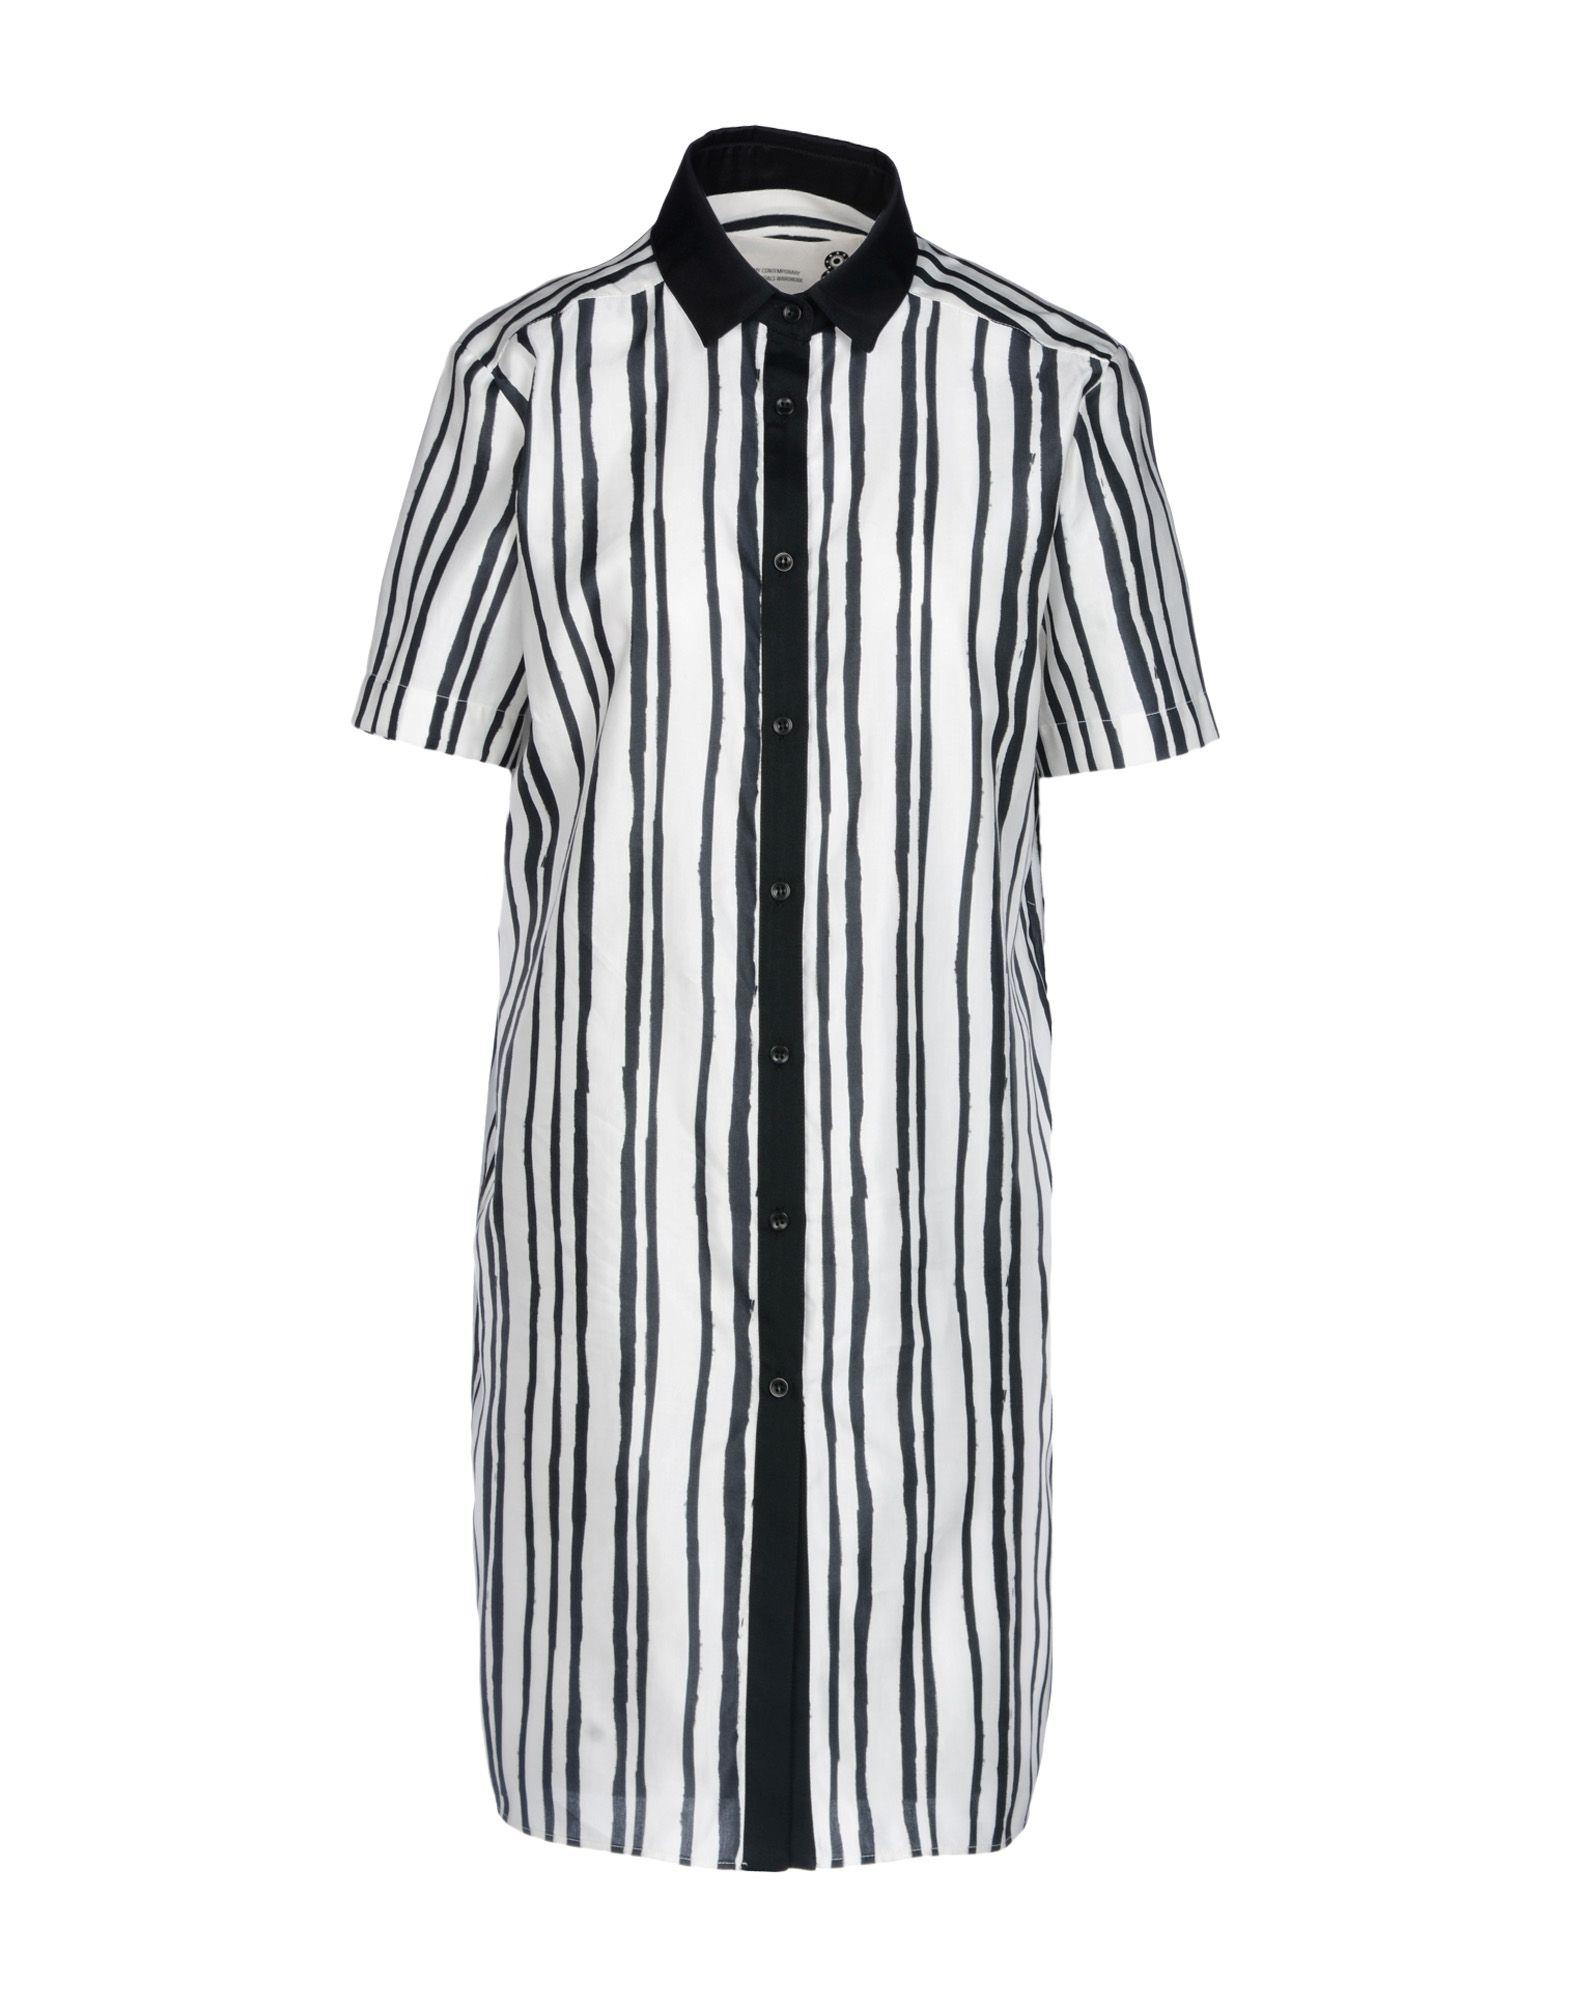 8 Короткое платье платье рубашка в полоску dynastie